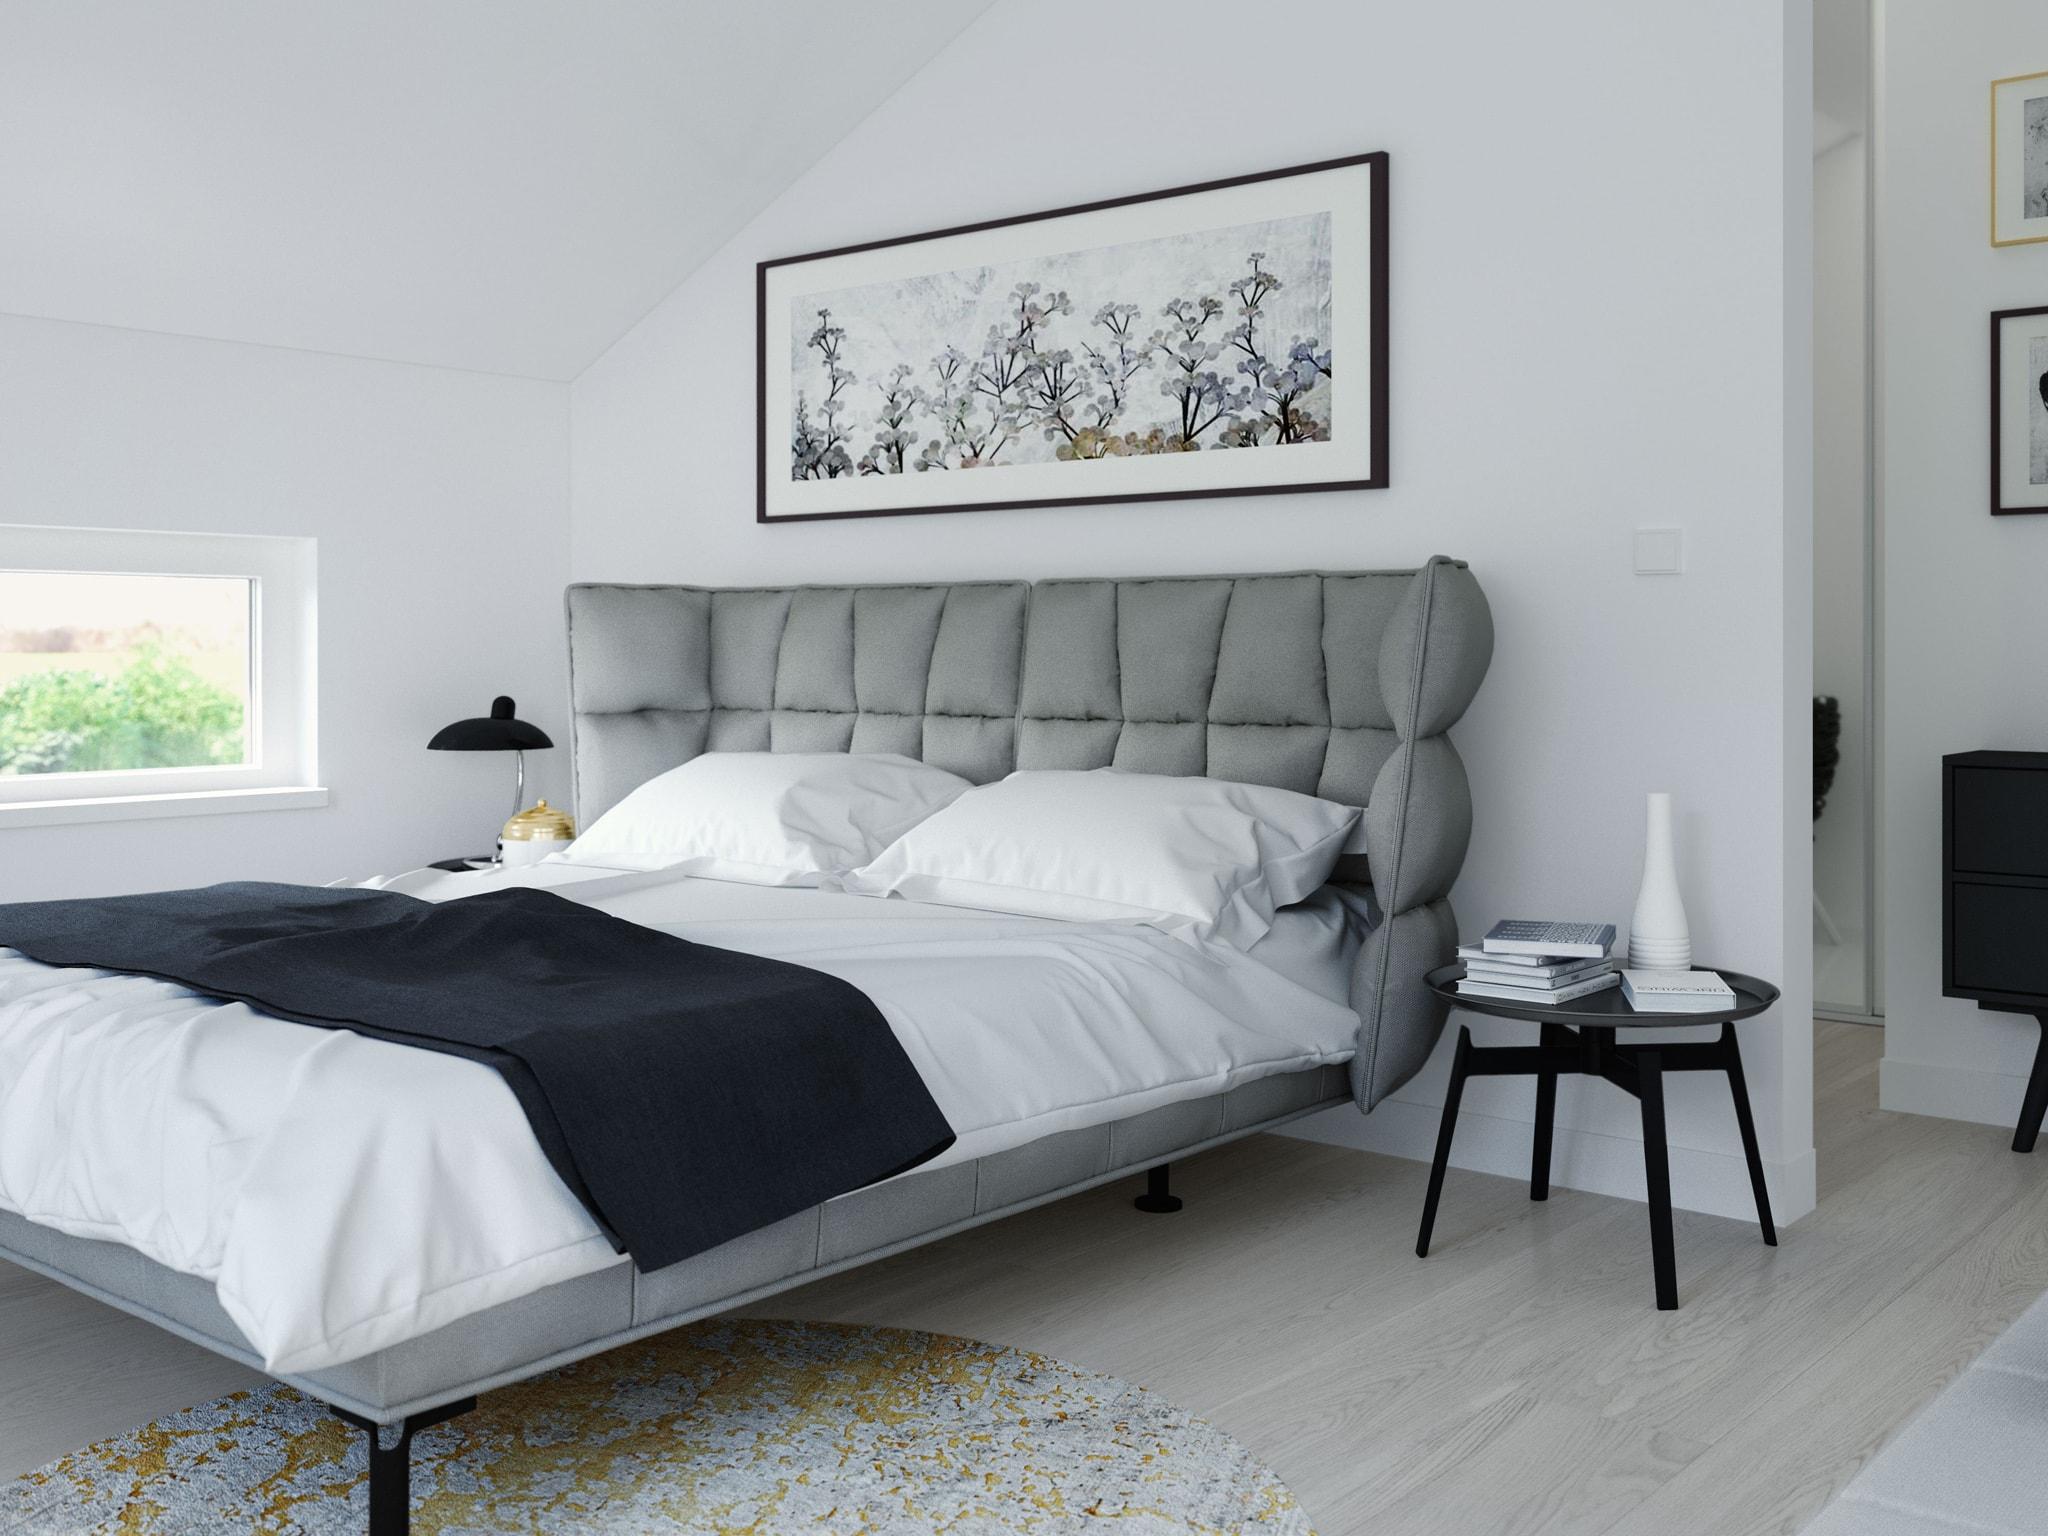 Schlafzimmer Ideen mit Dachschräge - Einfamilienhaus Inneneinrichtung Living Haus SUNSHINE 144 V2 - HausbauDirekt.de